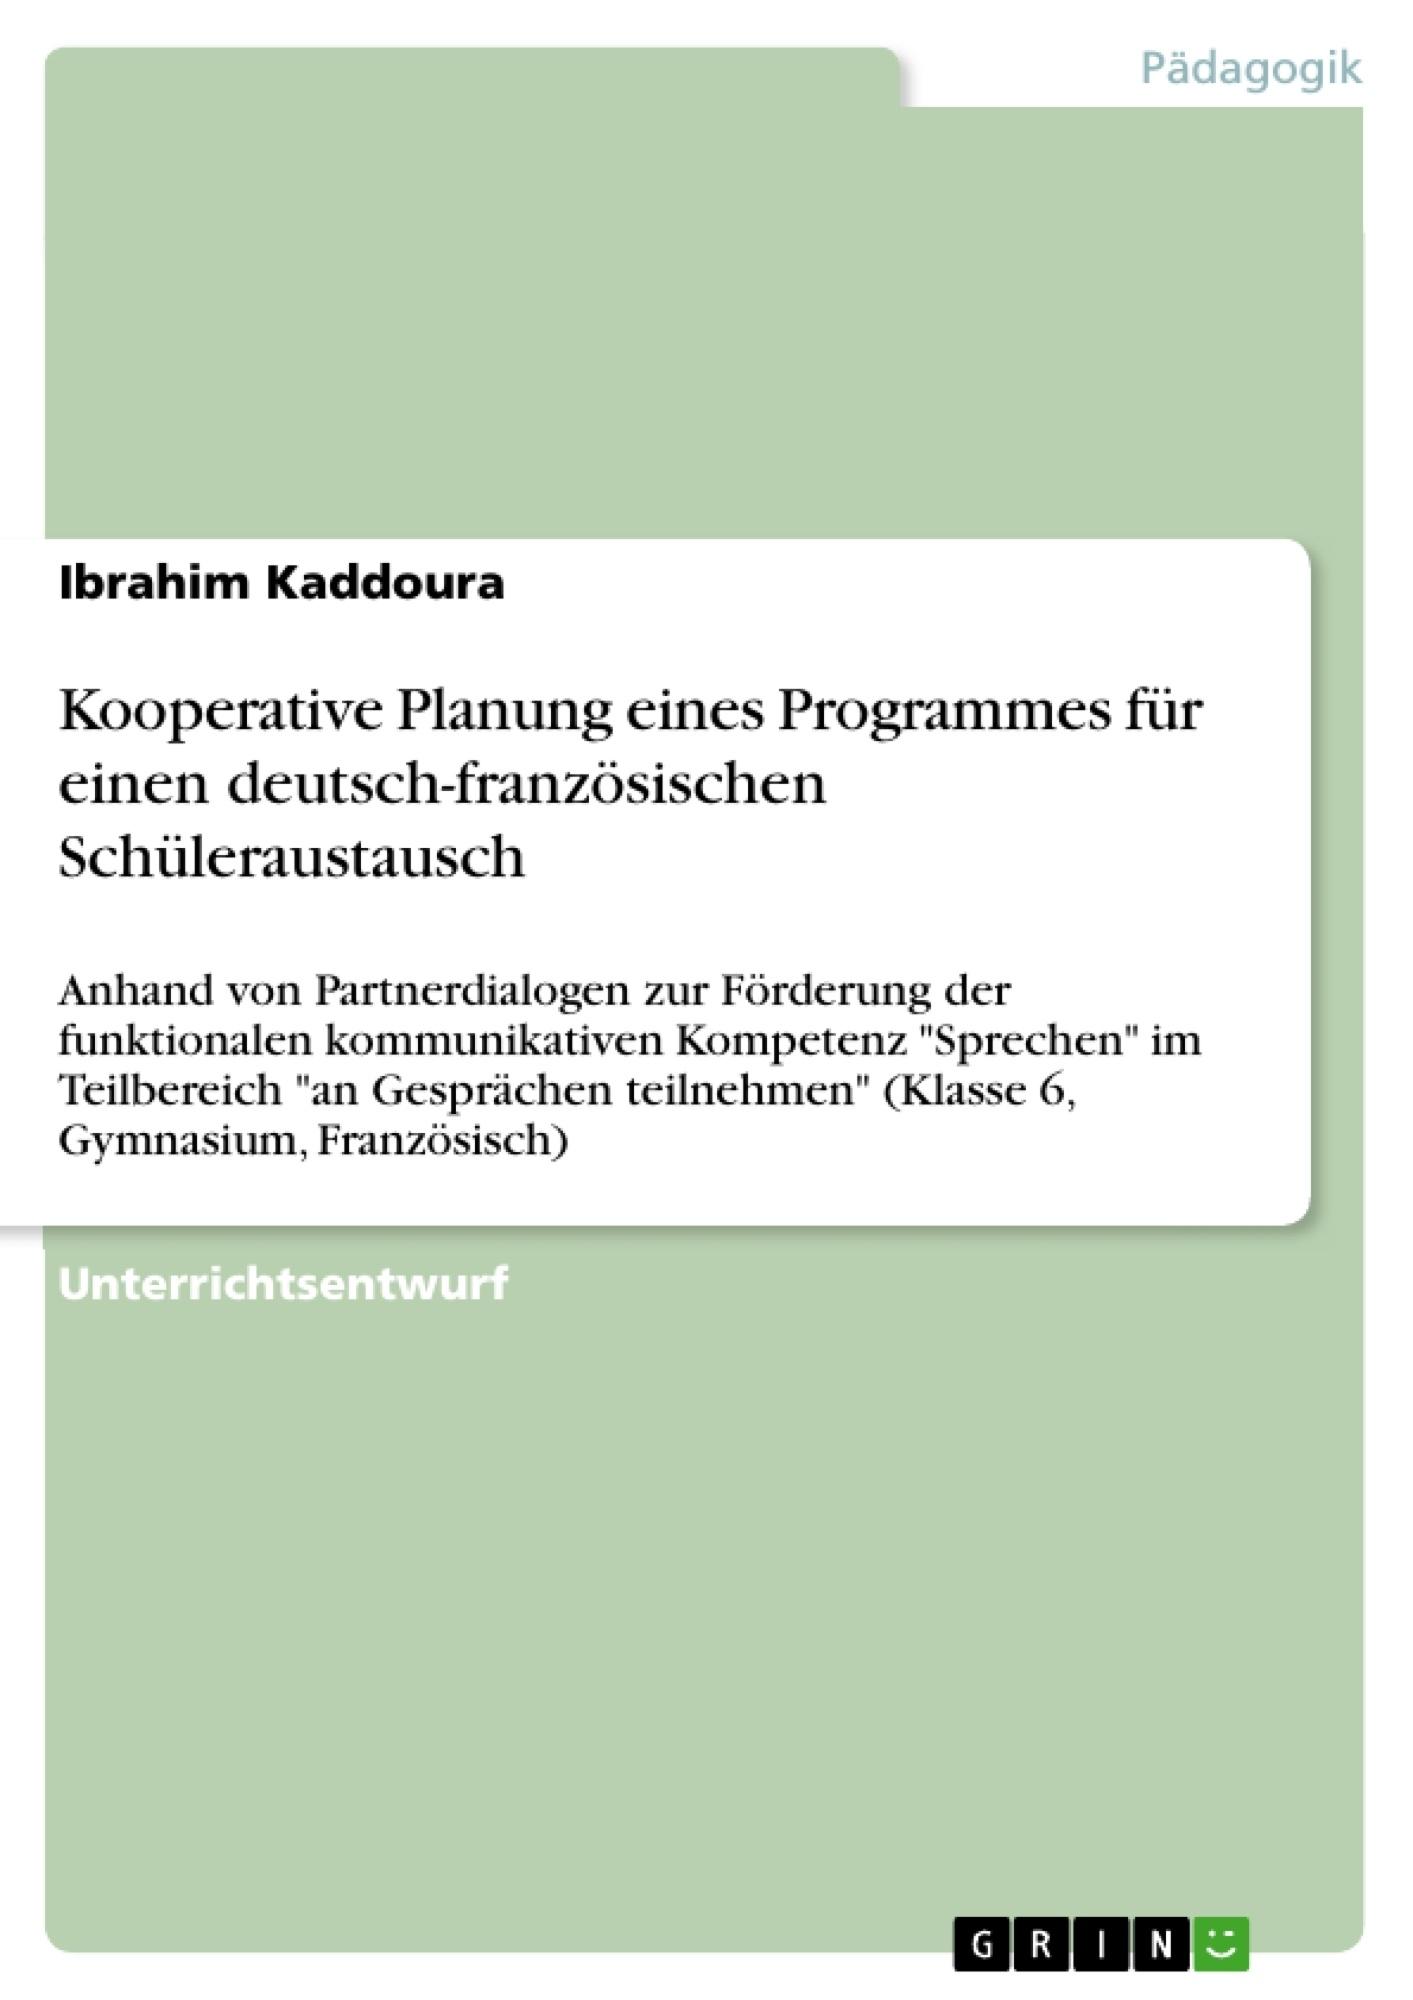 Titel: Kooperative Planung eines Programmes für einen deutsch-französischen Schüleraustausch